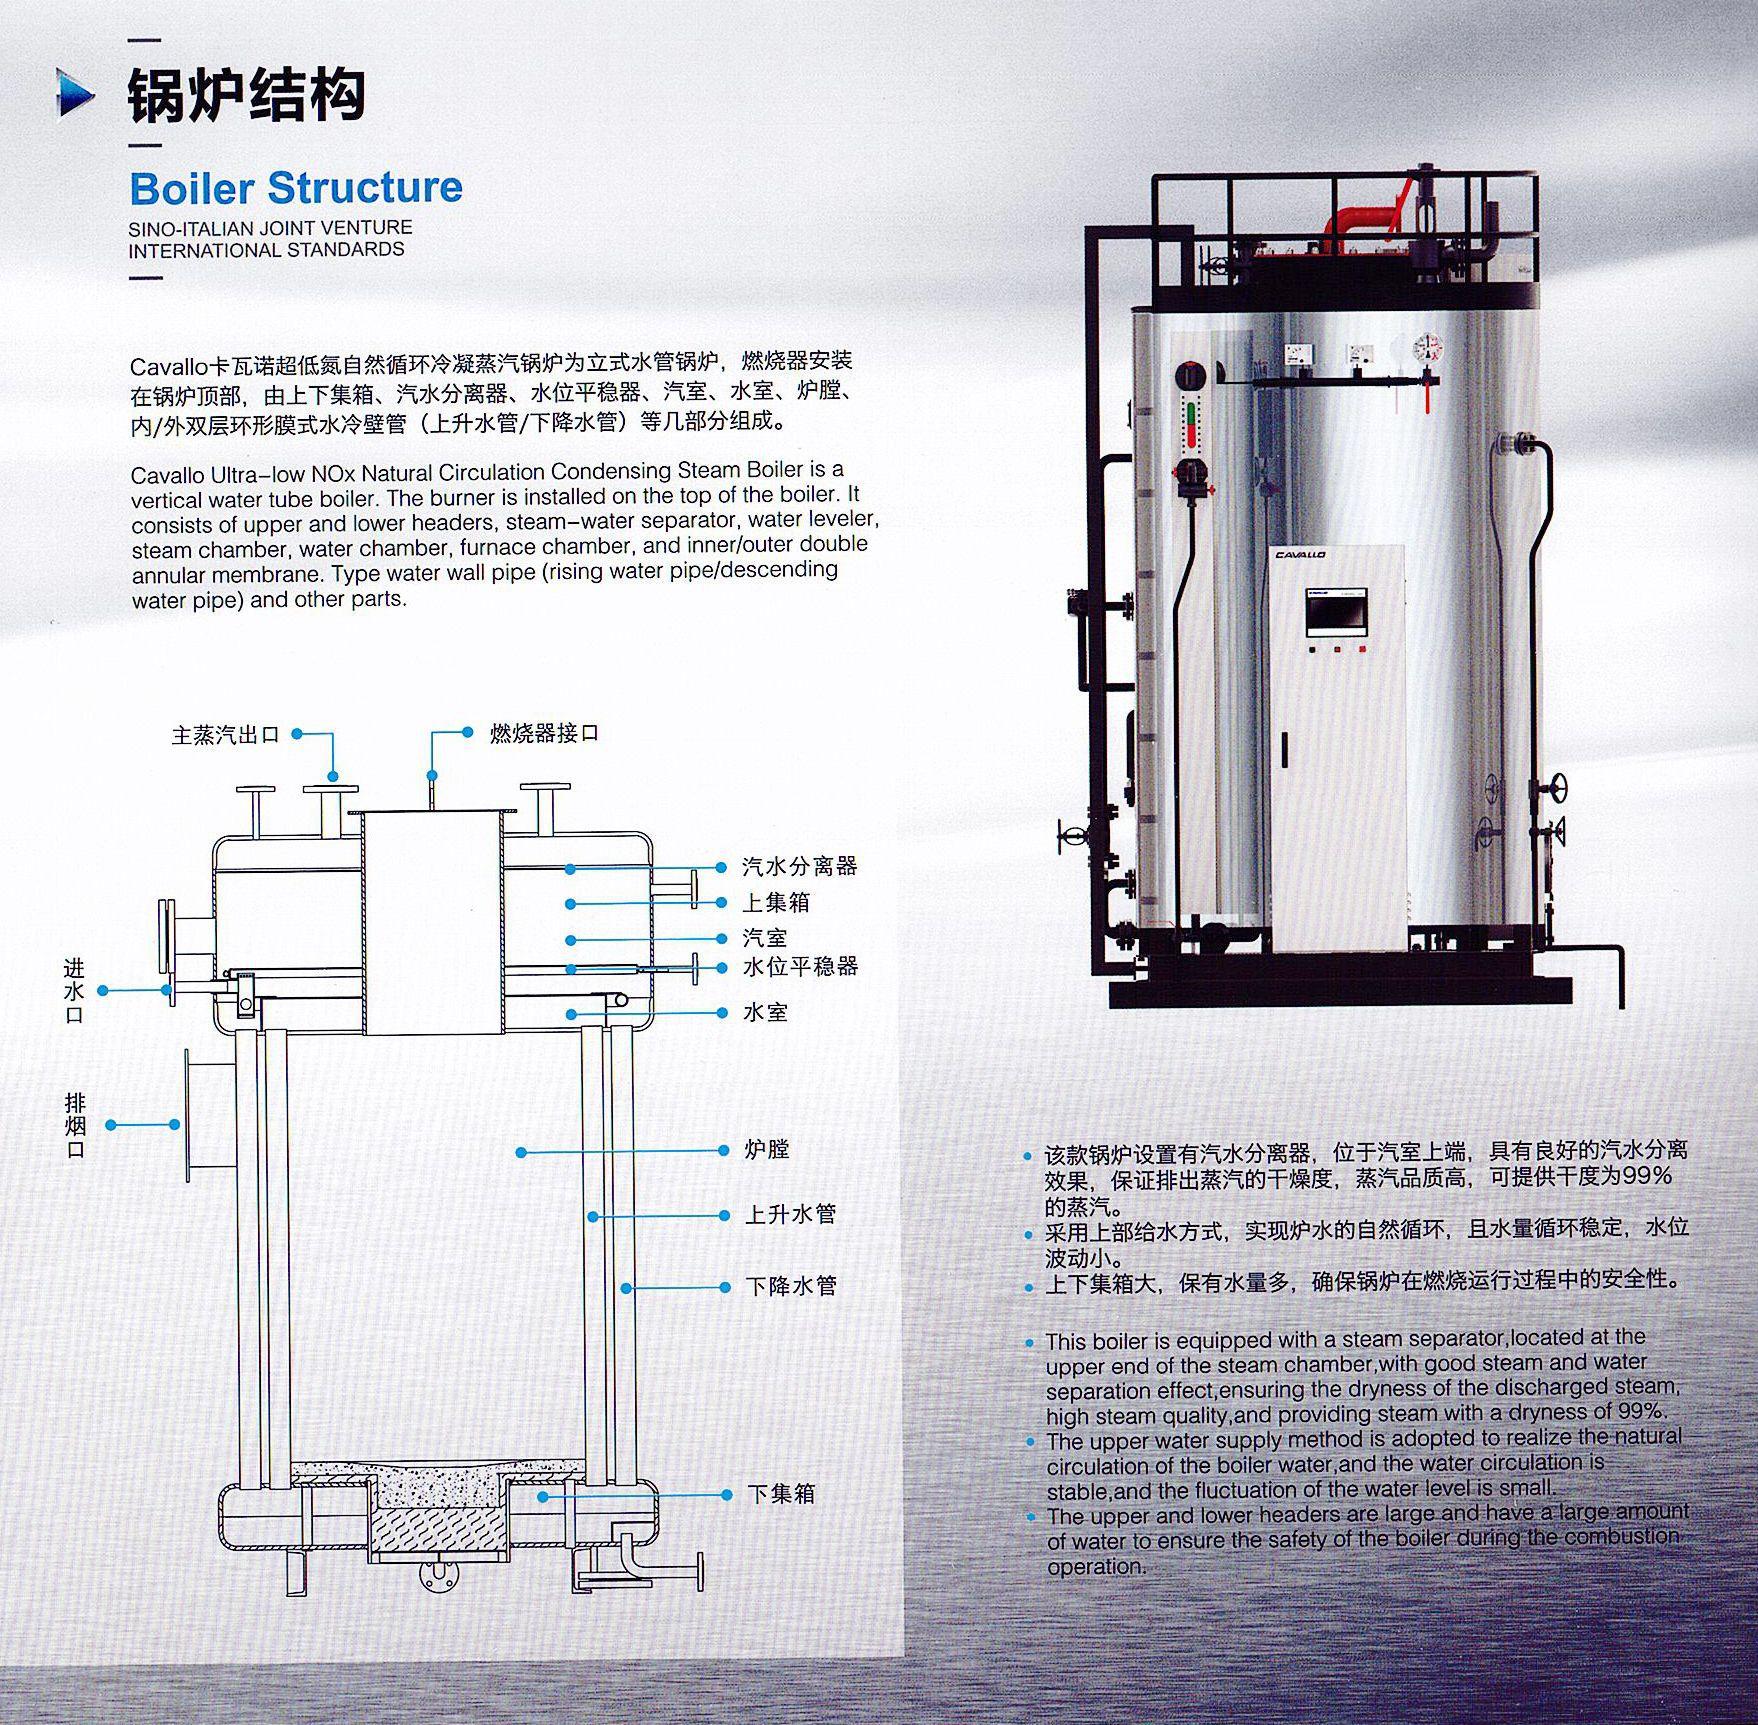 1吨燃气炉贯流锅炉 低氮自然循环燃气冷凝蒸汽锅炉 燃气蒸汽锅炉